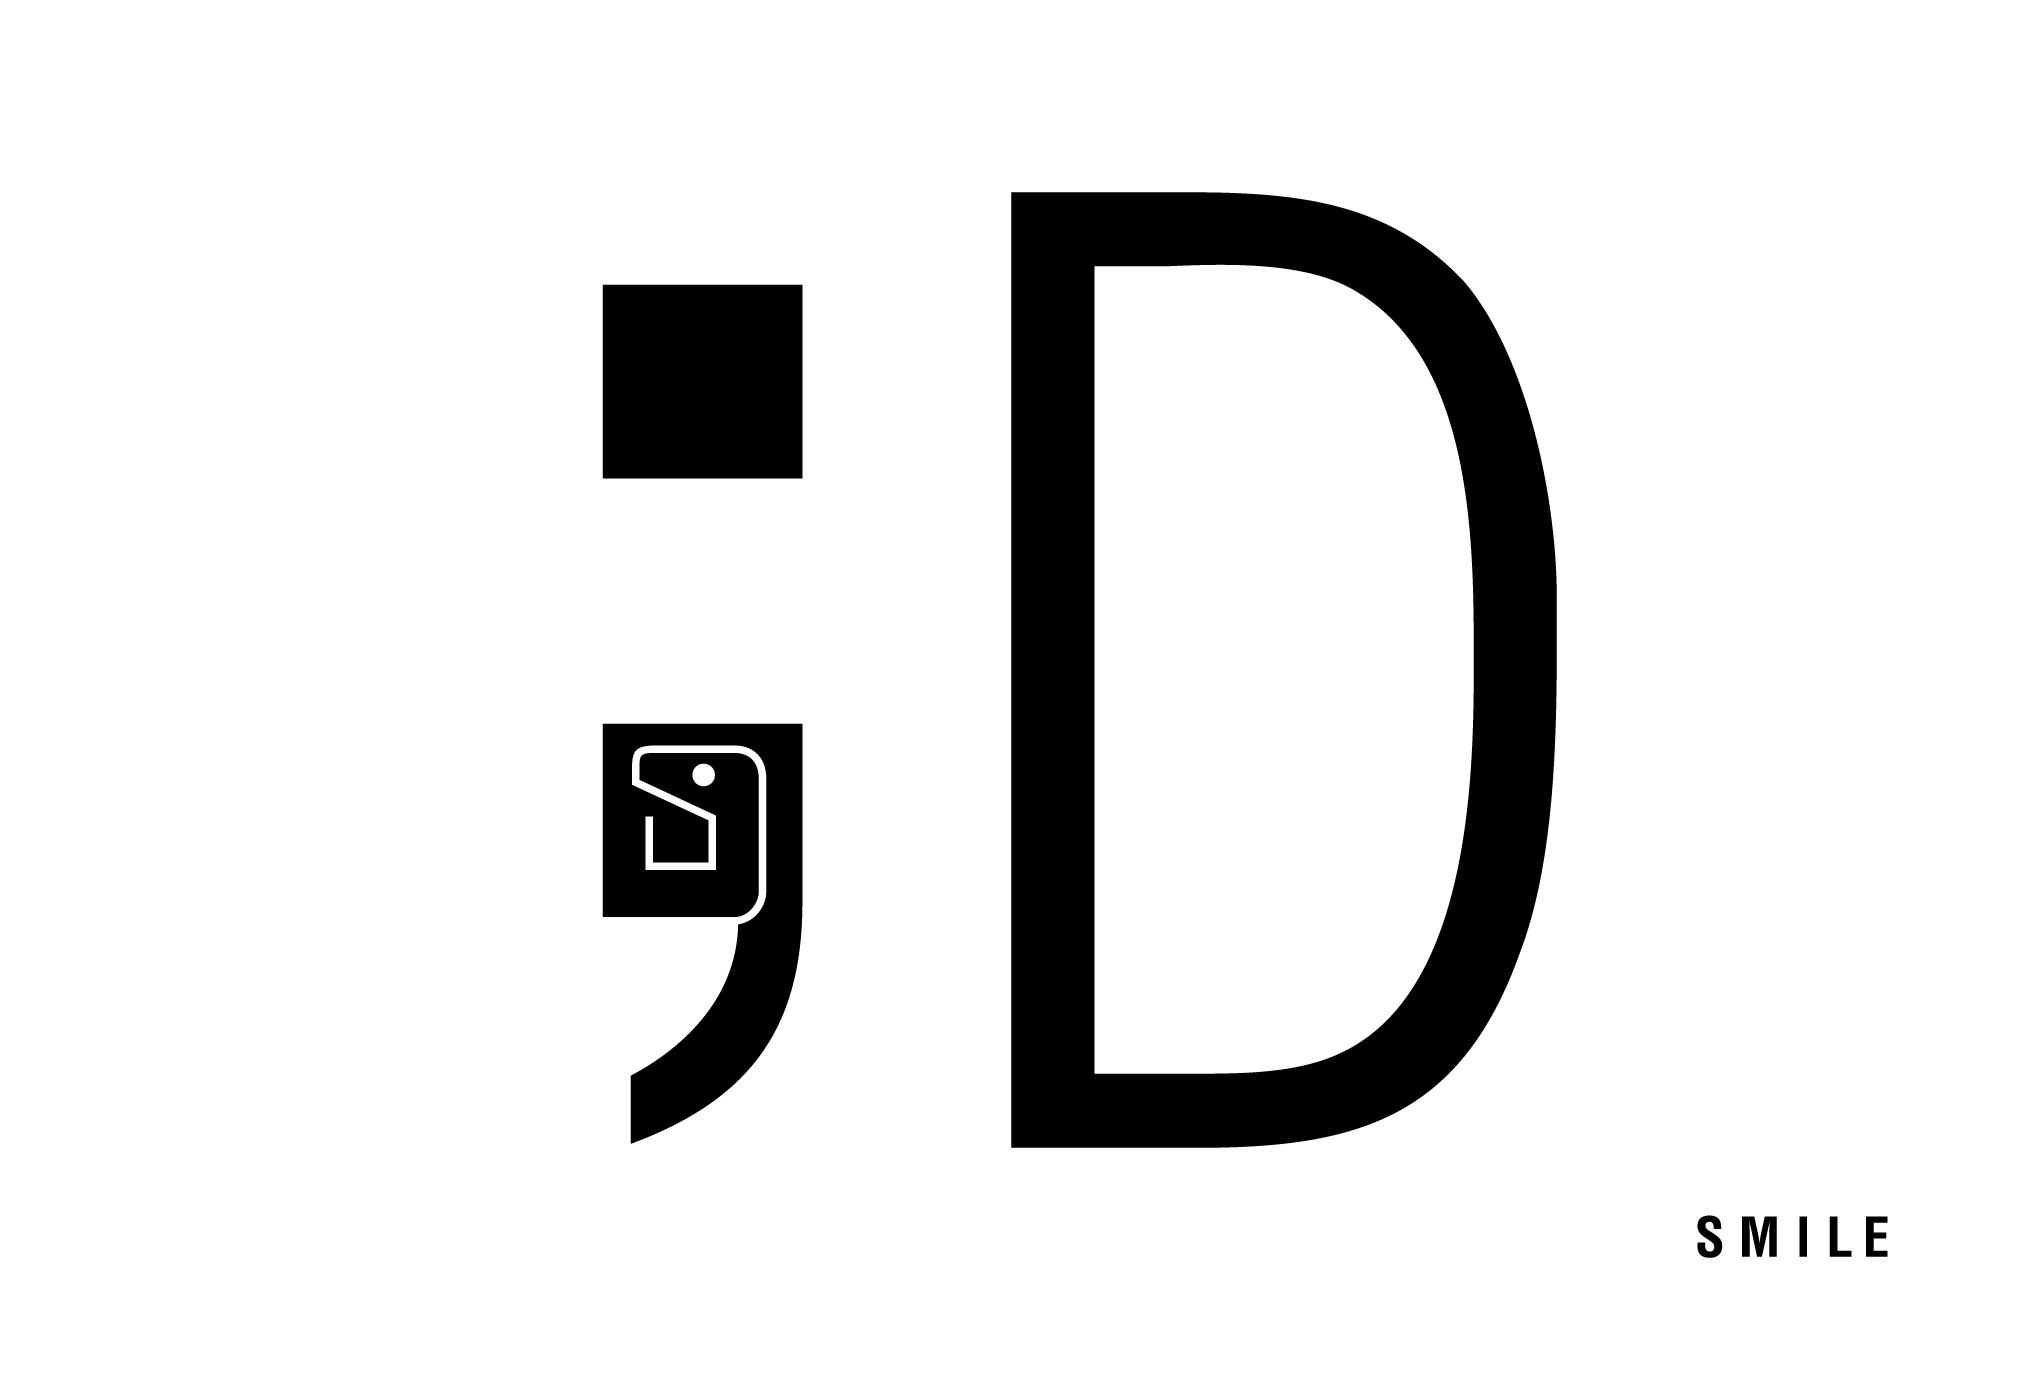 2013年賀状17-4:SMILE ;D / 4のダウンロード画像